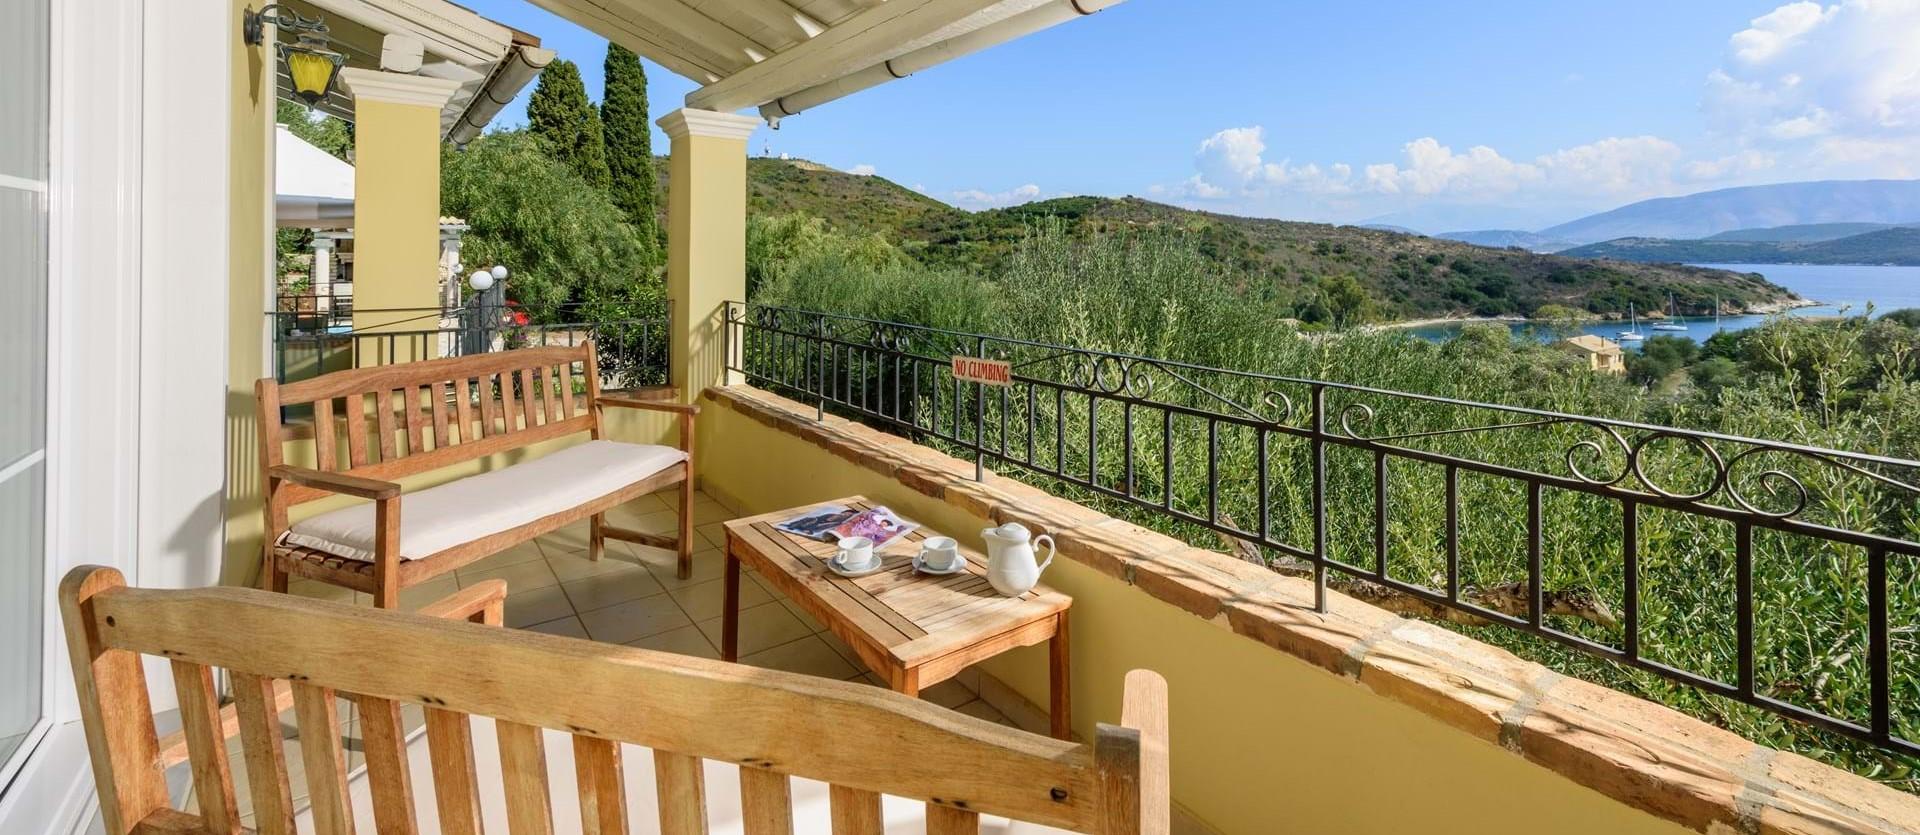 villa-giorgos-corfu-bedroom-terrace